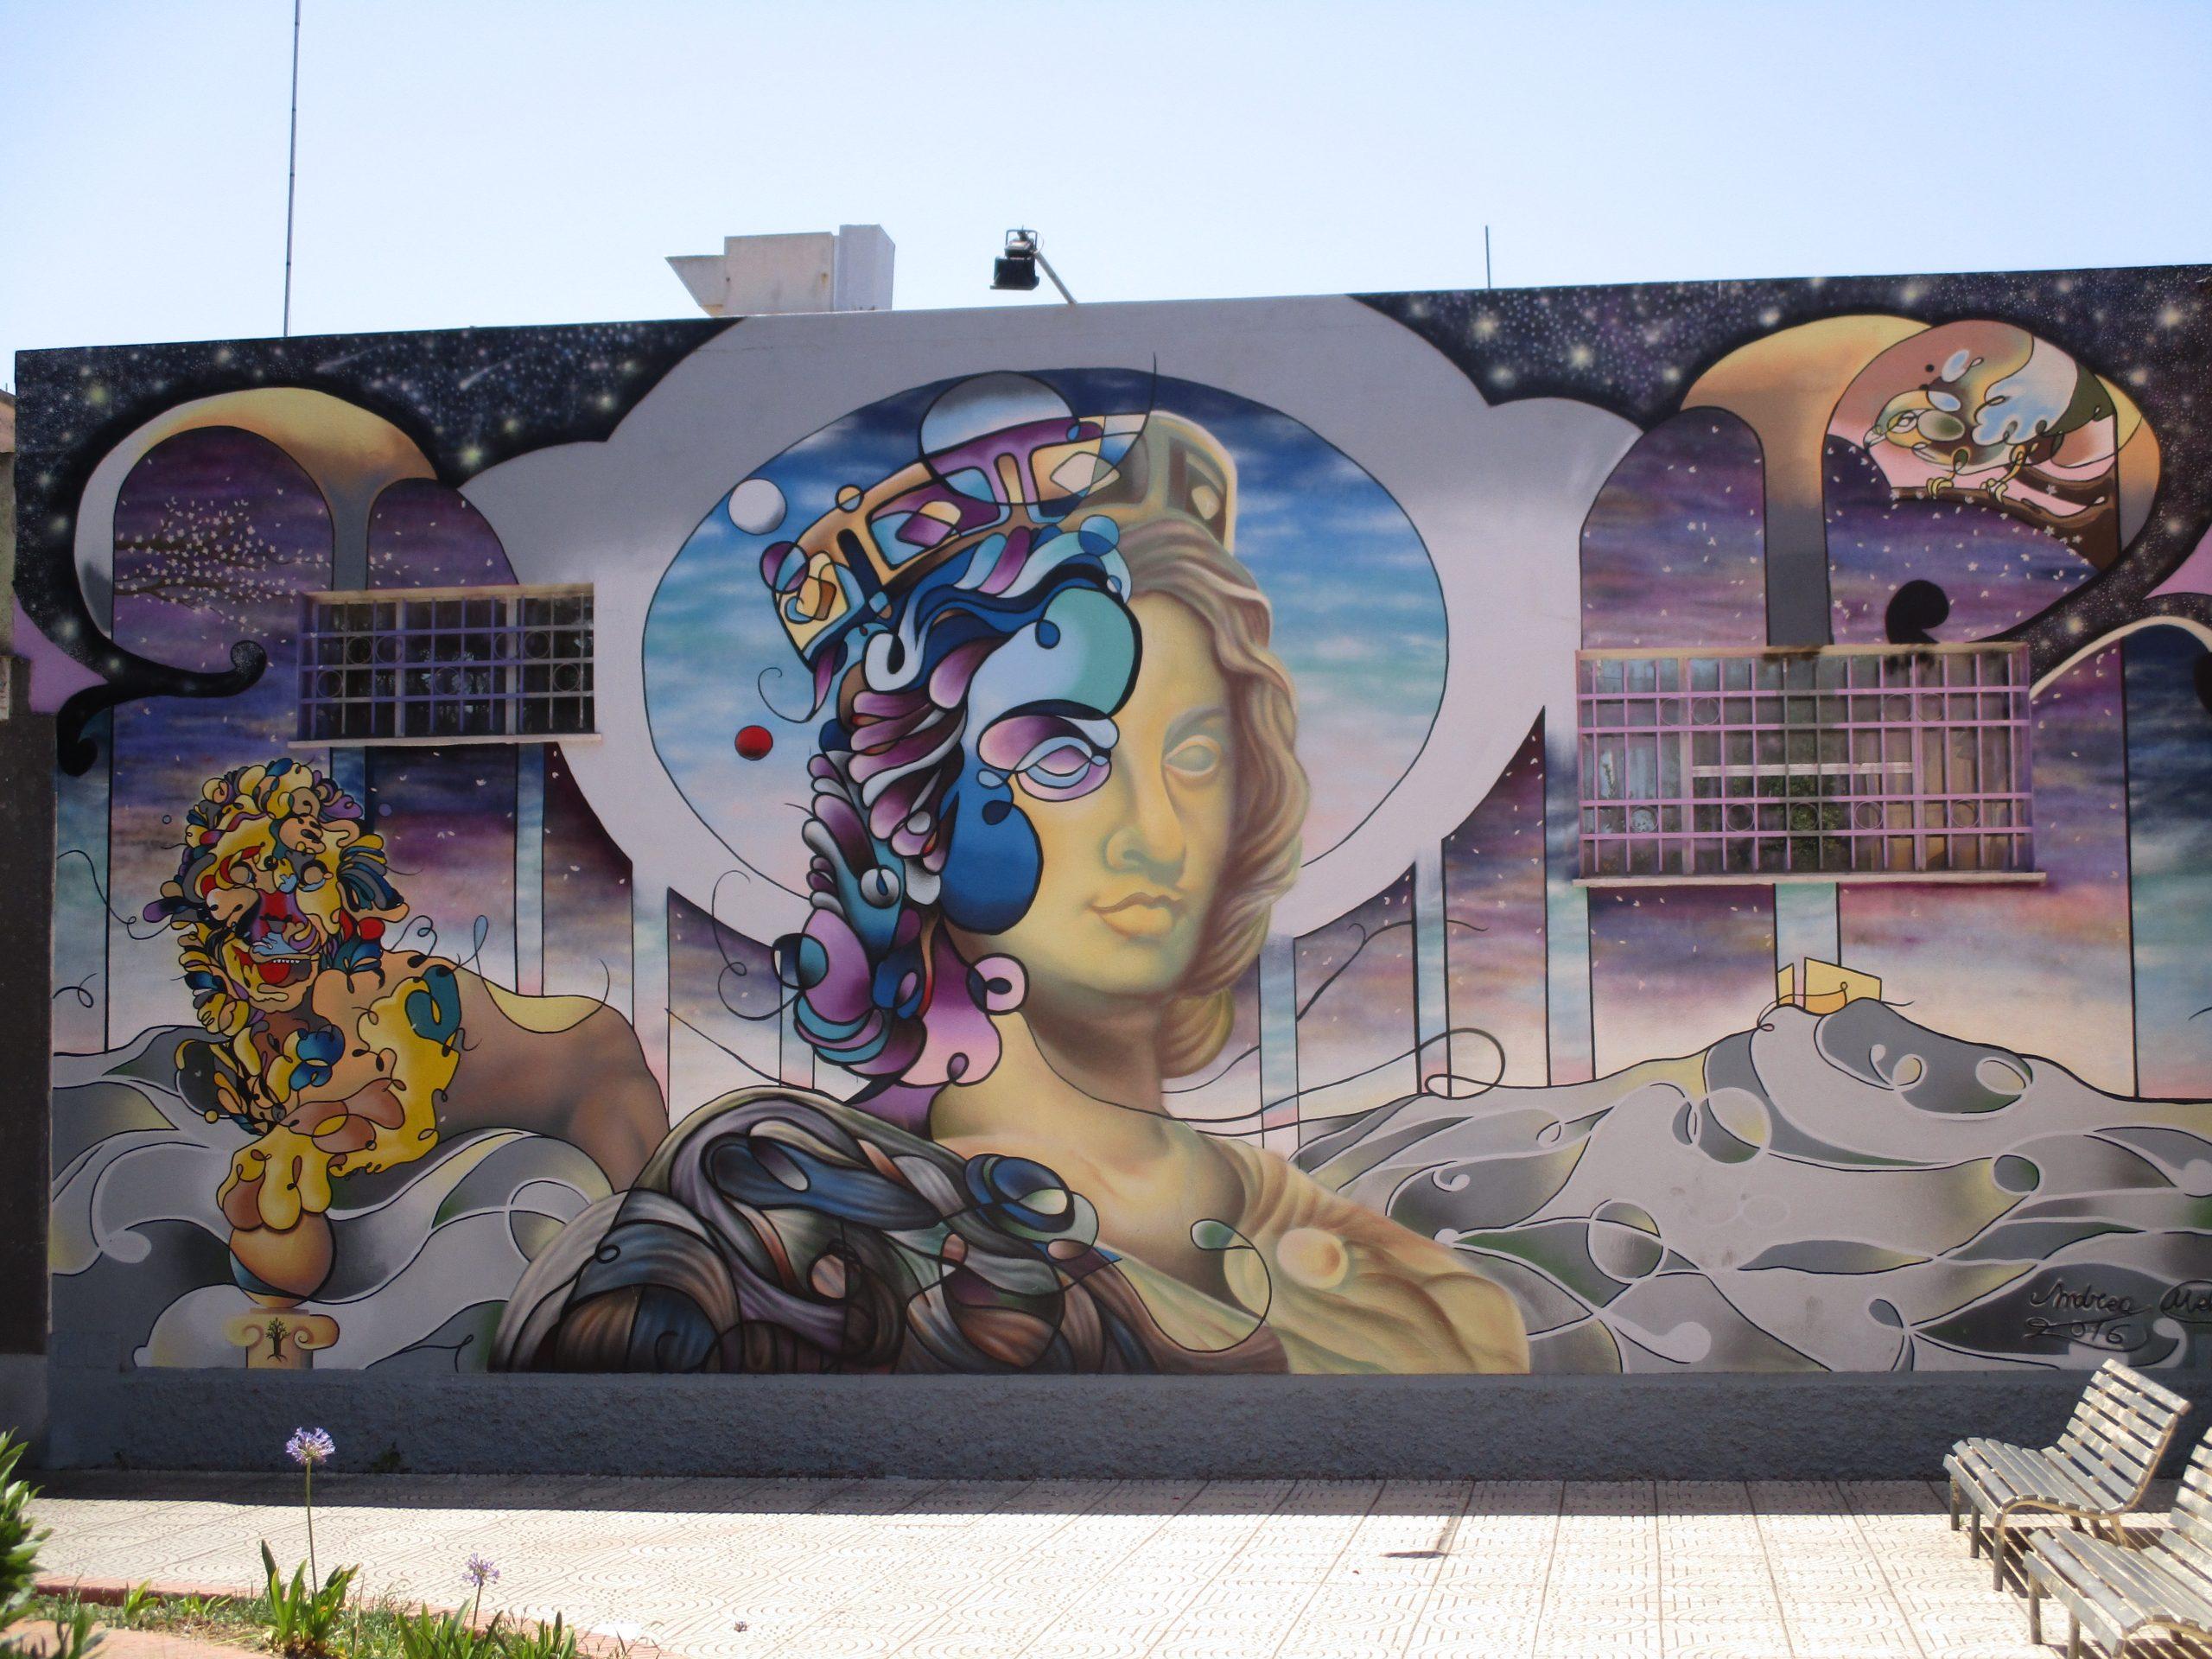 Il Muralismo Sardo Un Fenomeno Dai Mille Volti Fra Tradizione E Contemporaneita Gazzetta Italia